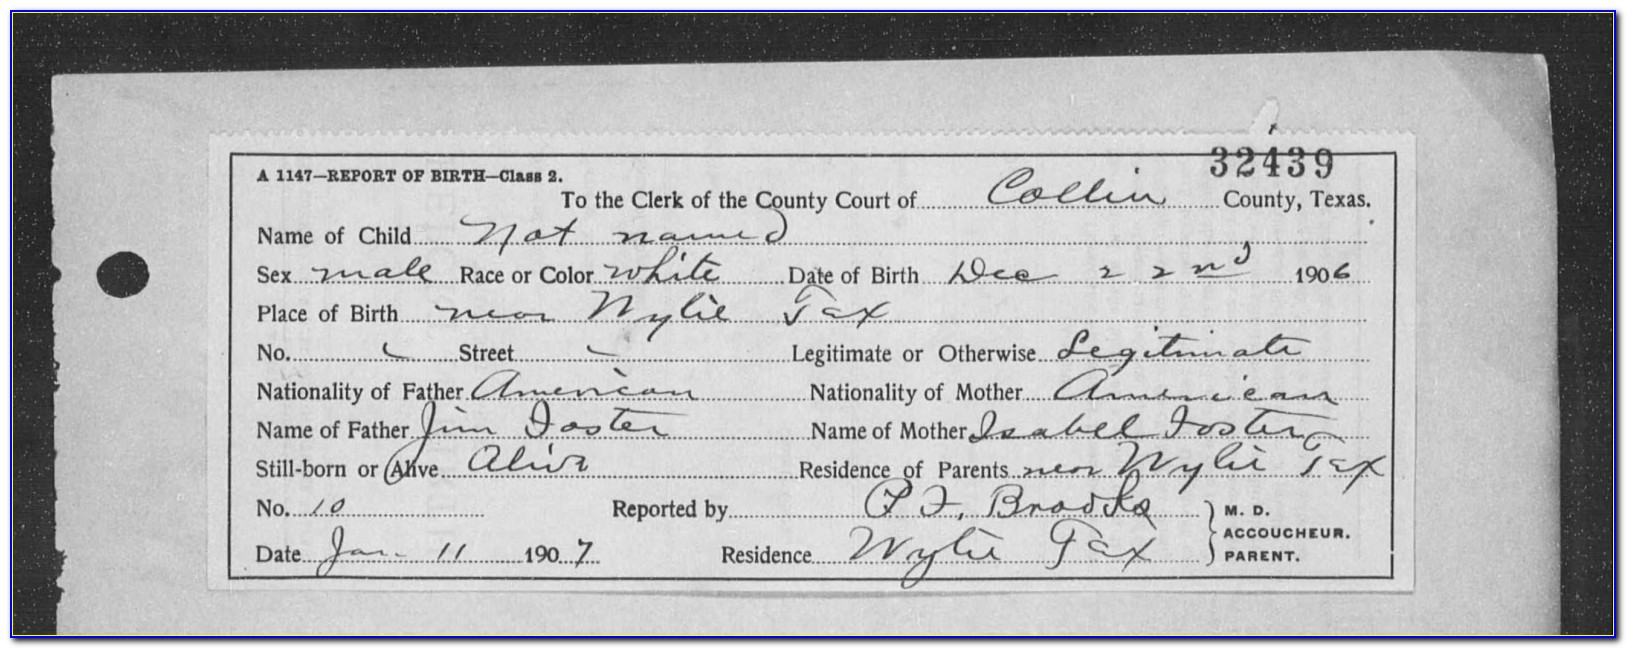 Collin County Birth Certificate Copy